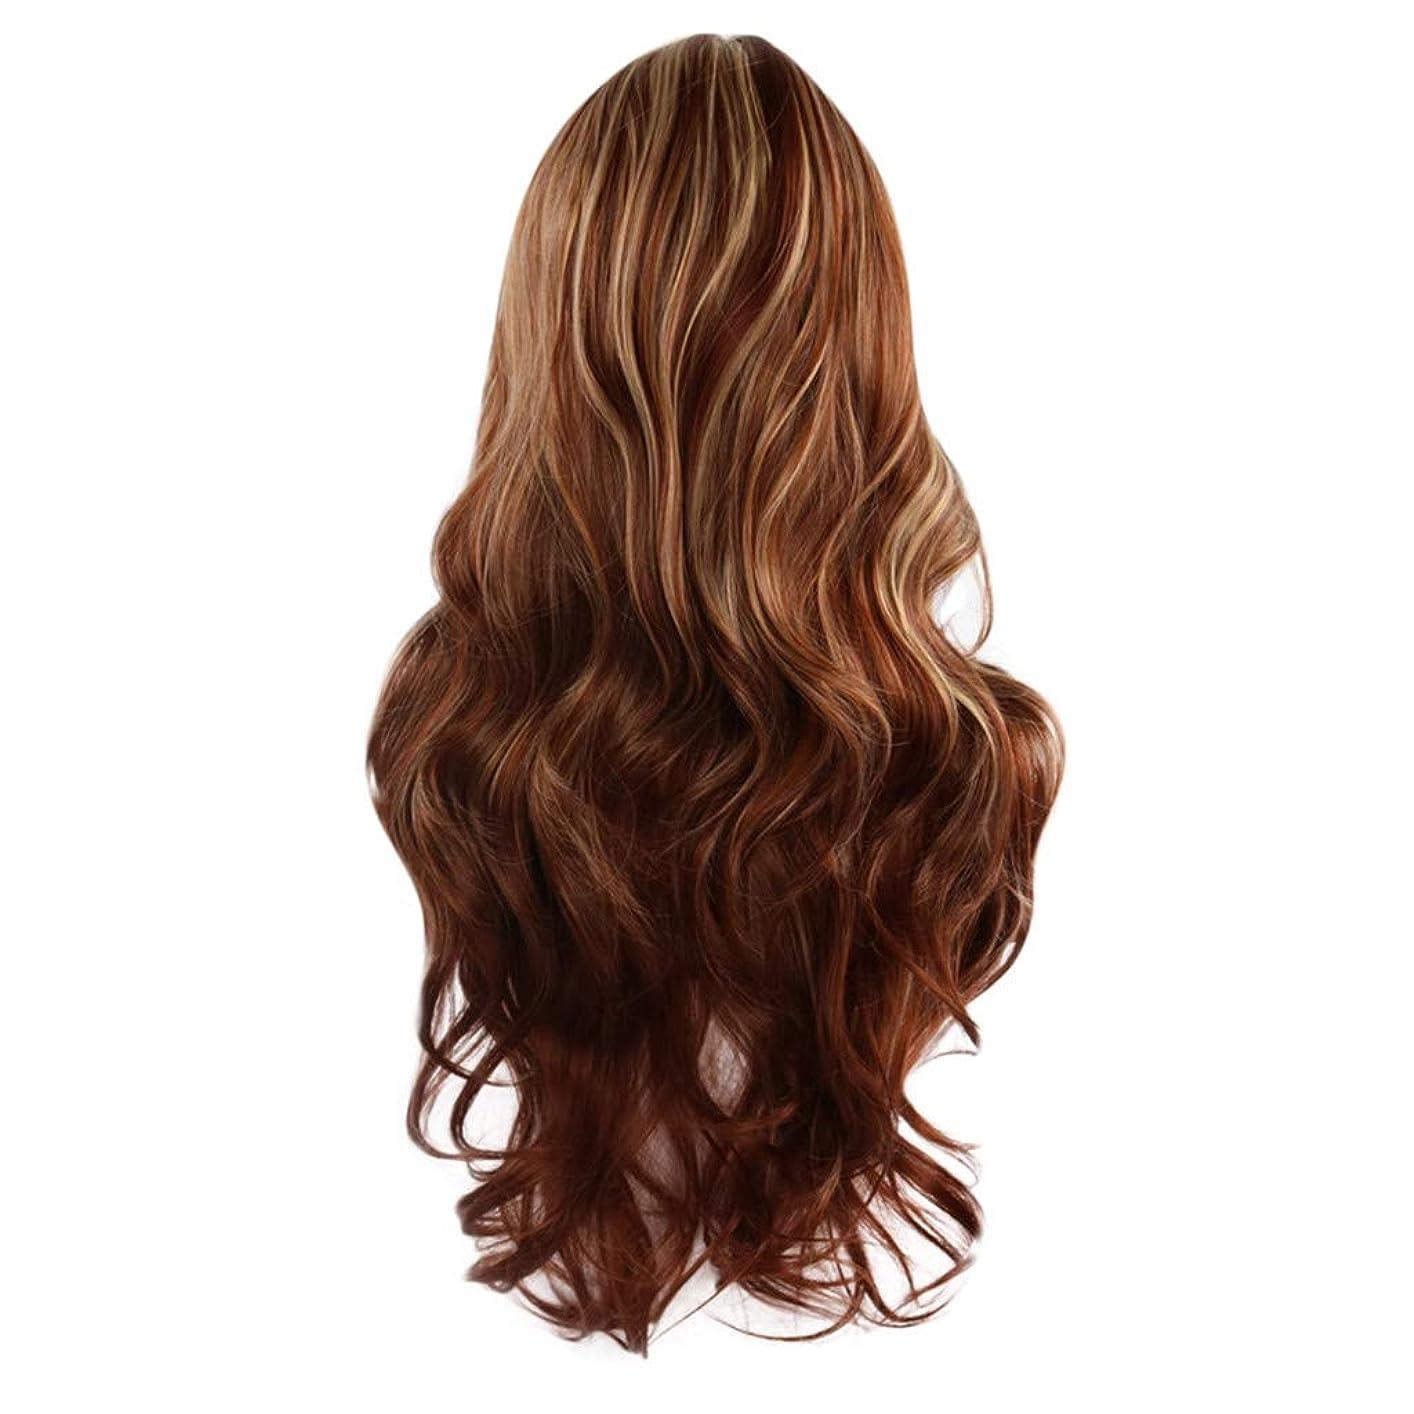 サイレンスケジュール啓発する女性の茶色の長いウェーブのかかった巻き毛のかつらフルウィッグローズネット